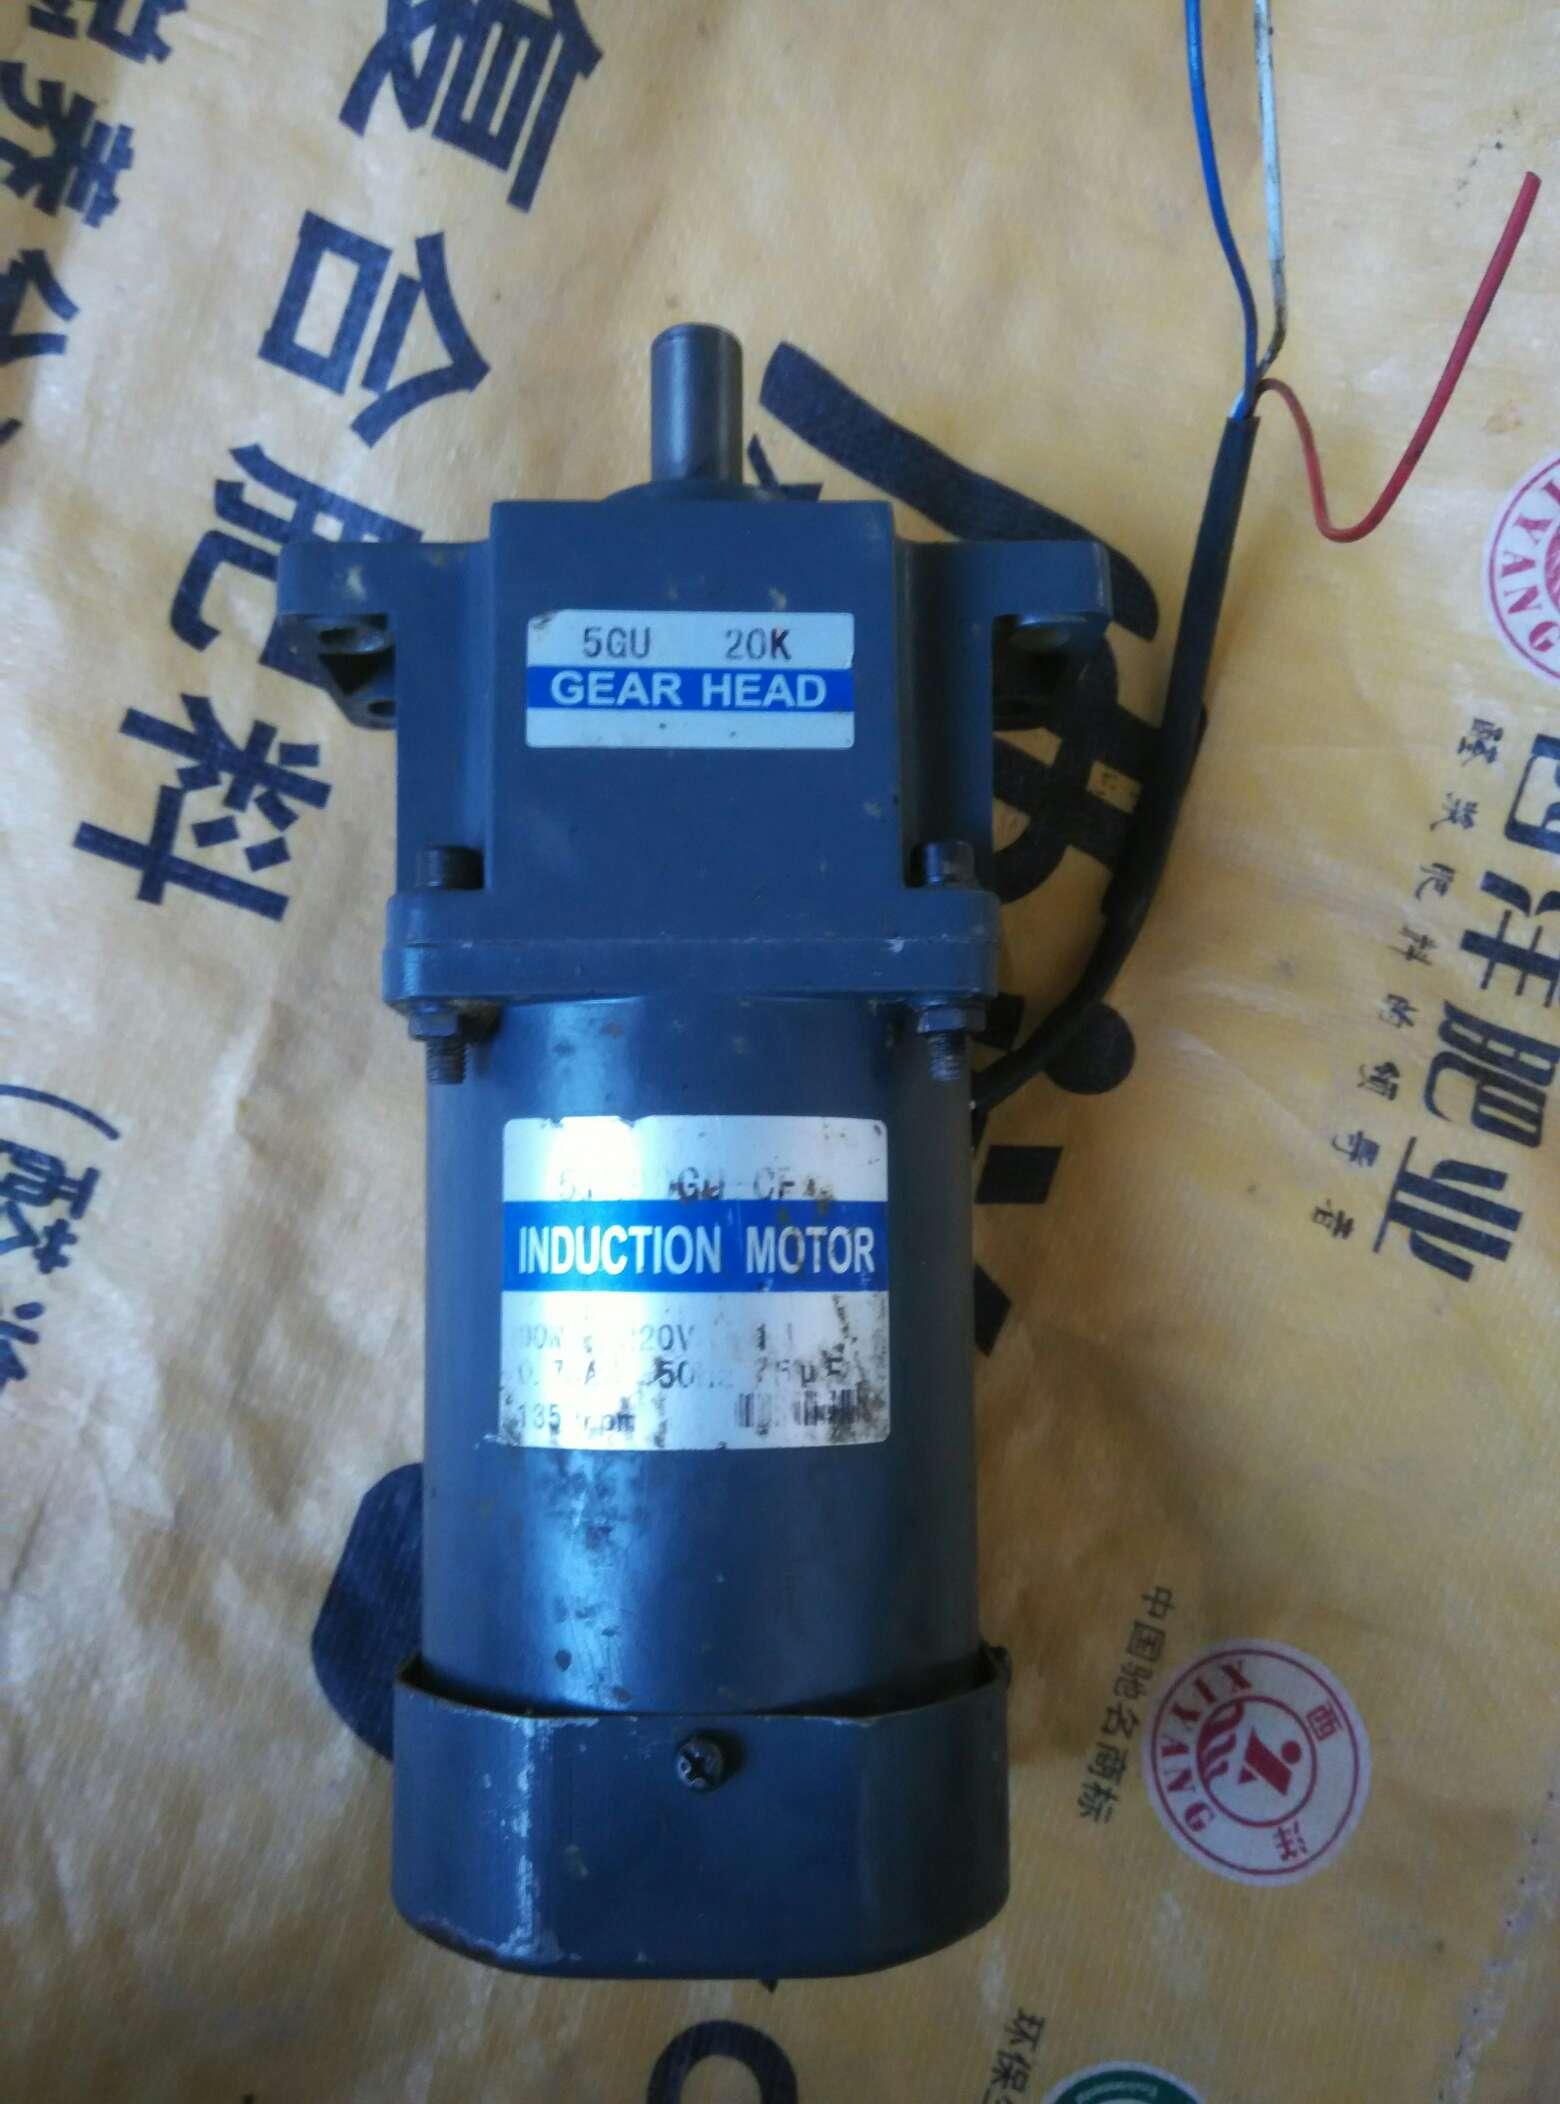 Gear motor 90W 220V AC geared motor / constant speed motor / 90 watts 20 speed цена